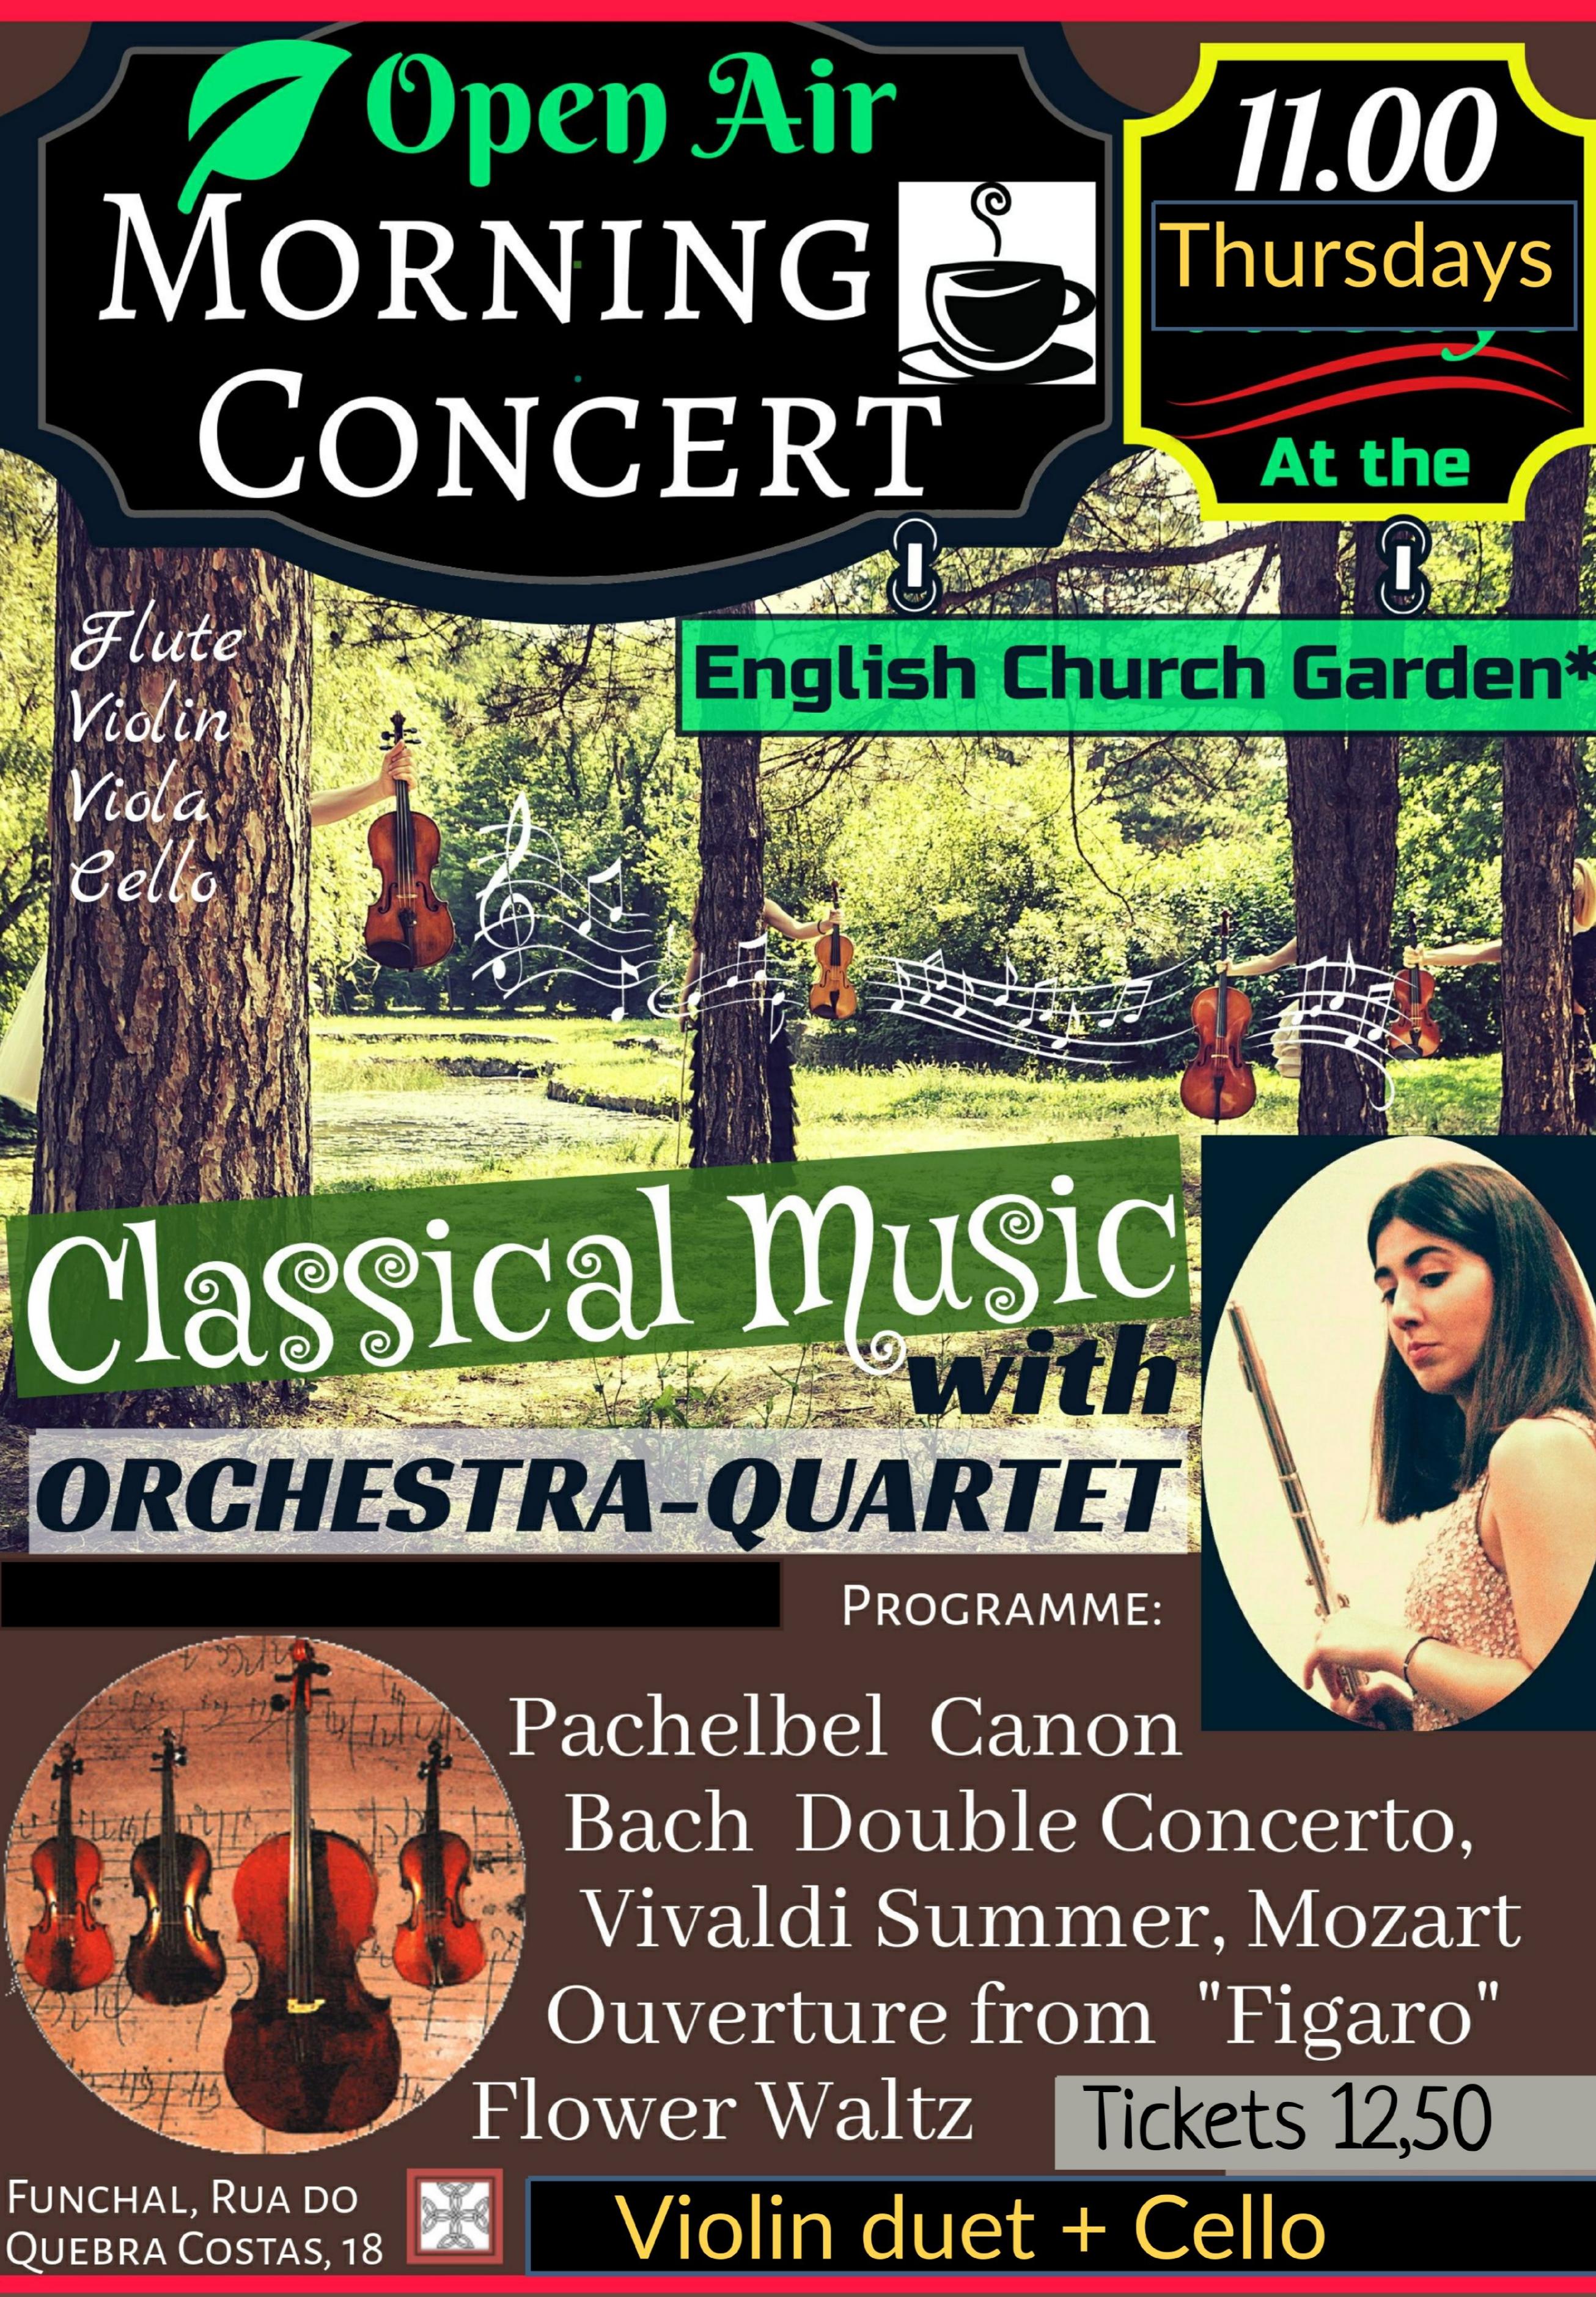 Concert Thursday - Open Air